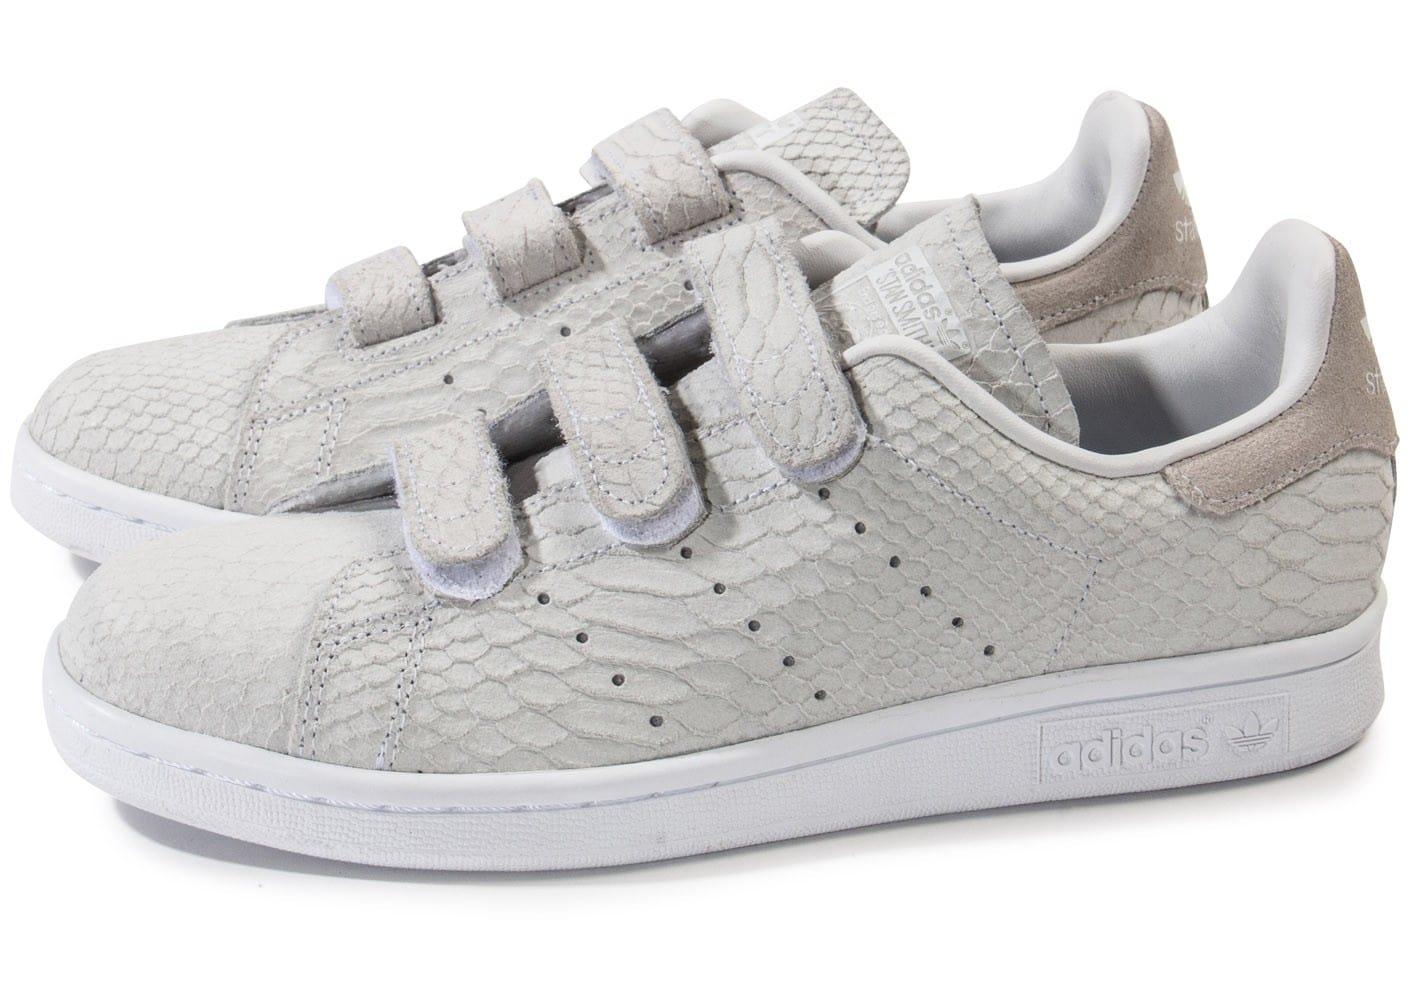 site réputé eb00f 3a5e8 adidas stan smith femme scratch noir une vente de ...